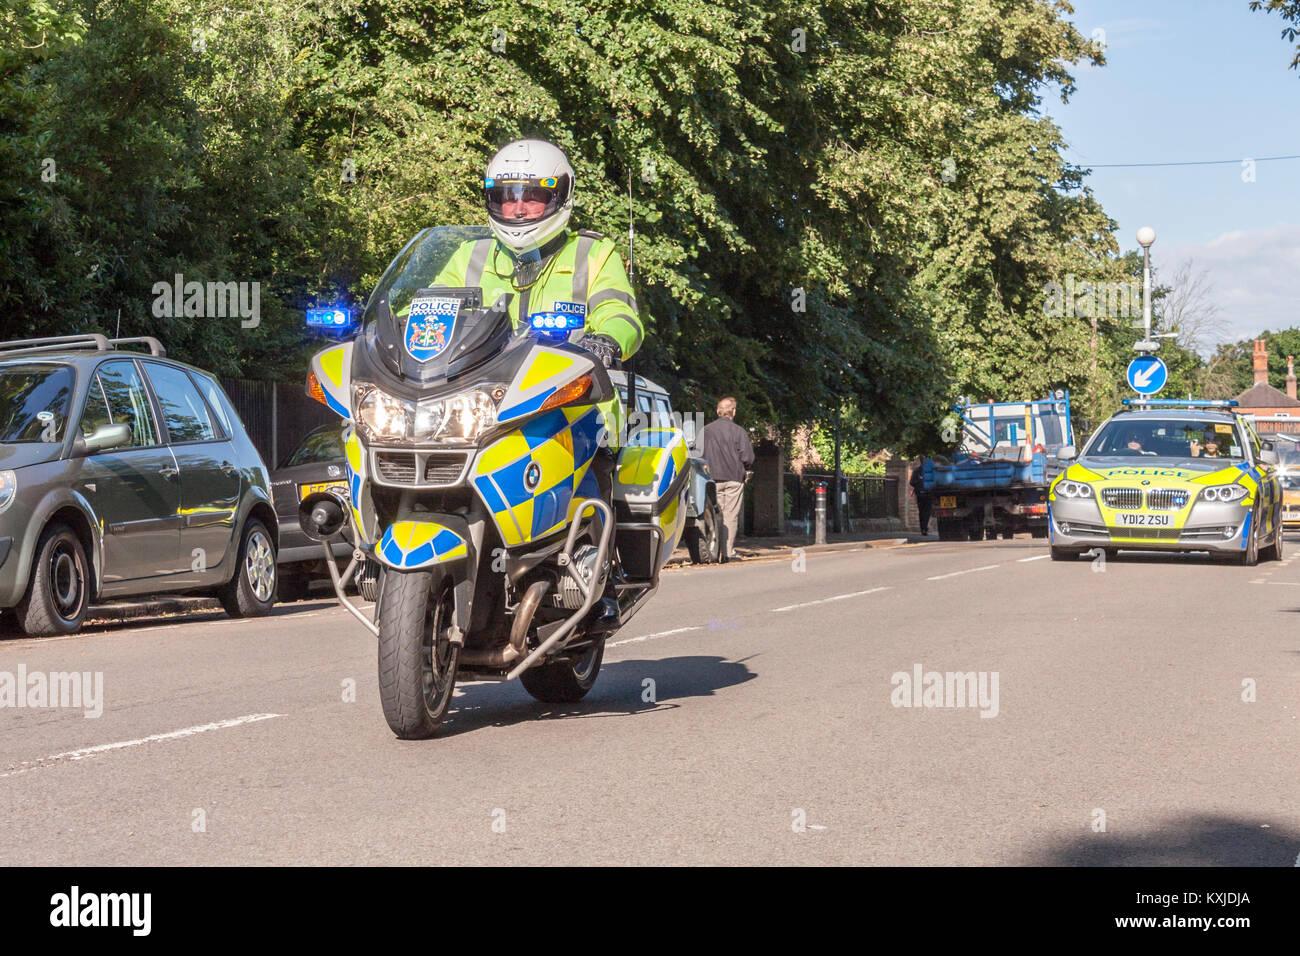 La Thames Valley Police motociclisti in sella BMW R1200RT Motocicli Immagini Stock